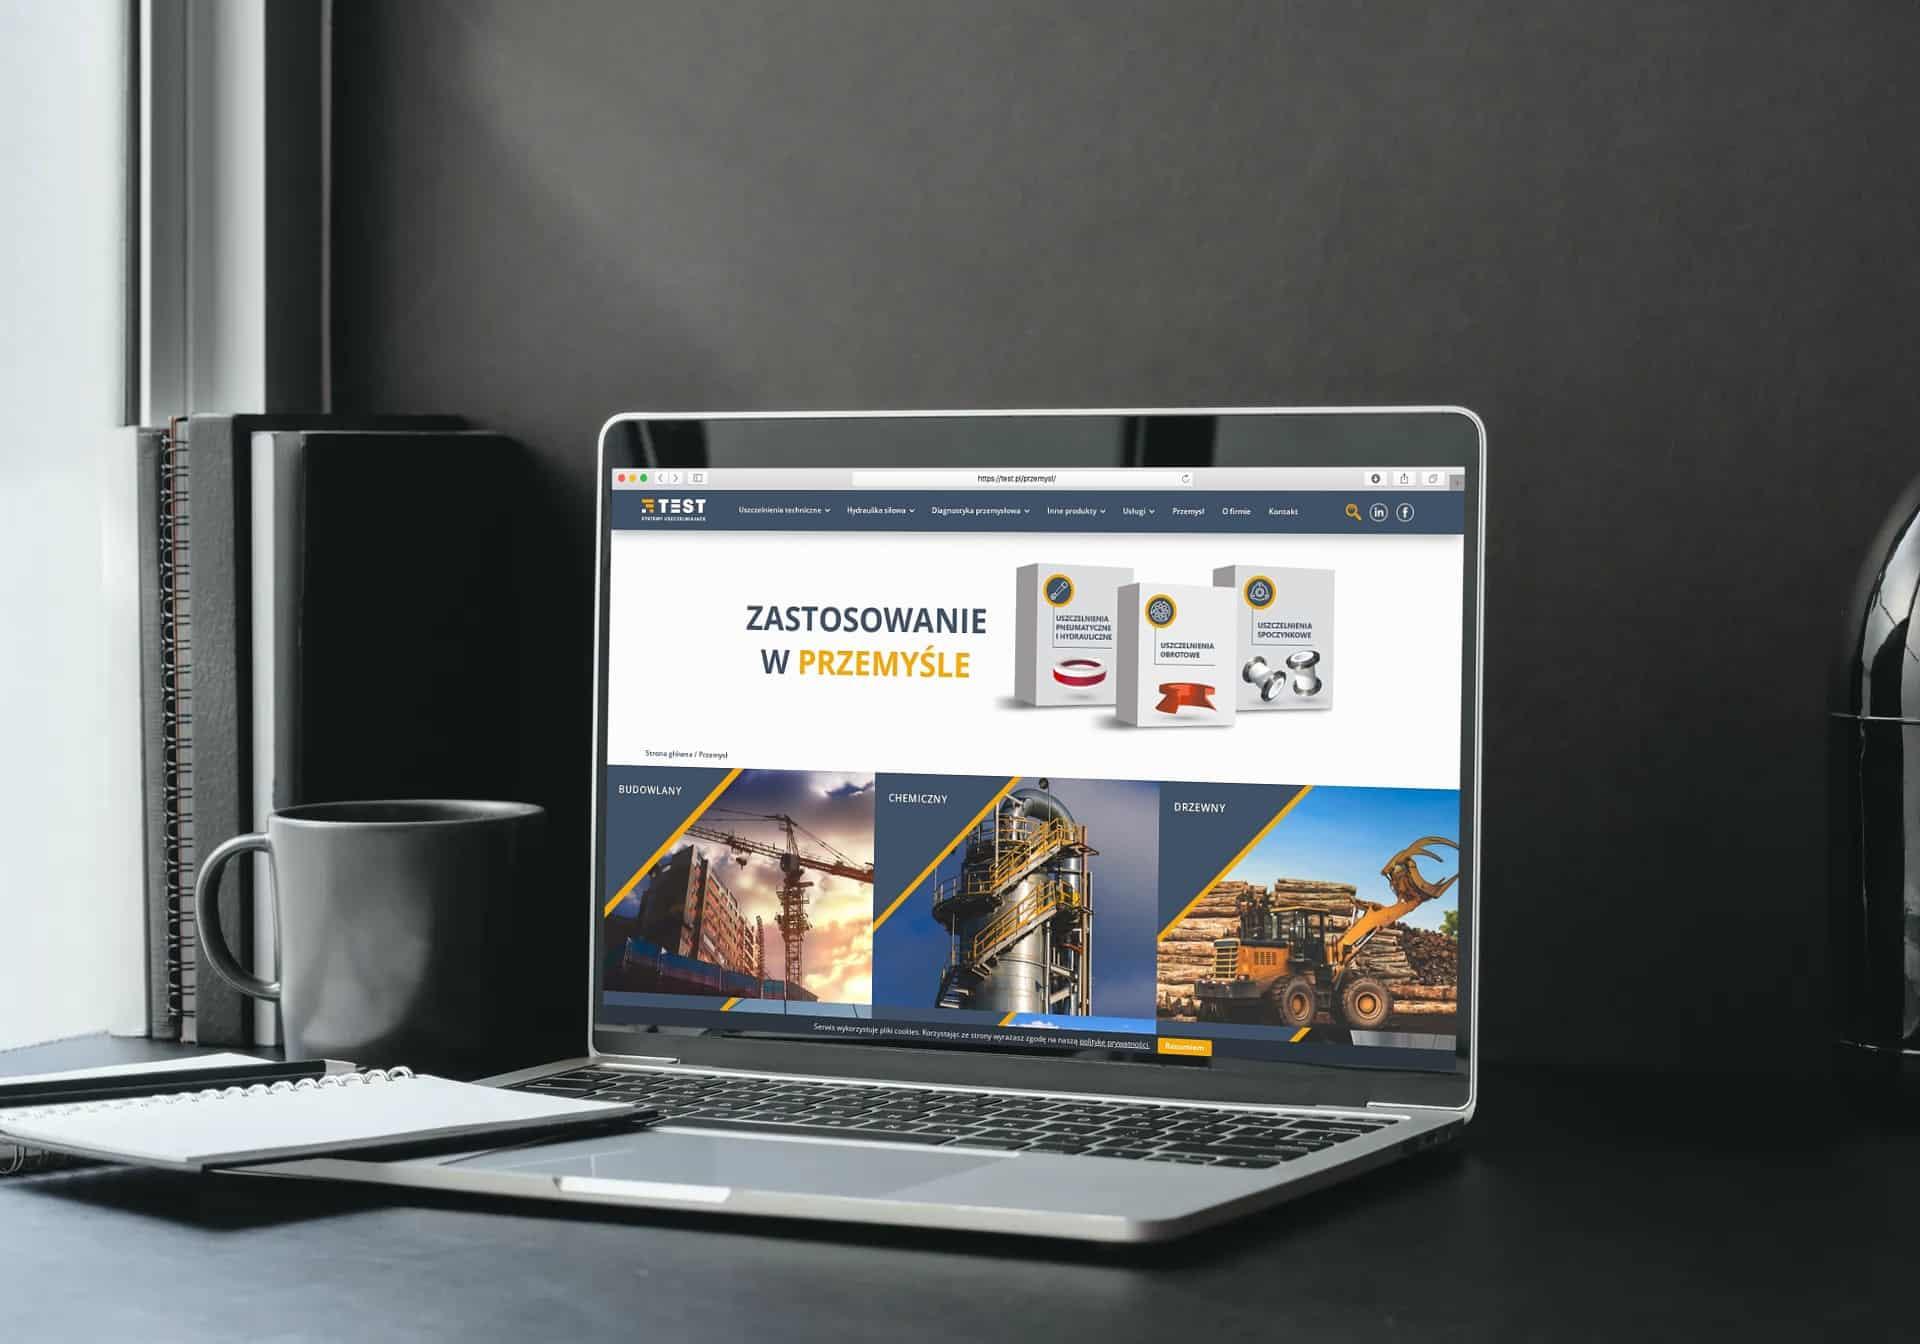 strona internetowa dla teat.pl - Agencja Marketingowa OzonMedia Wrocław